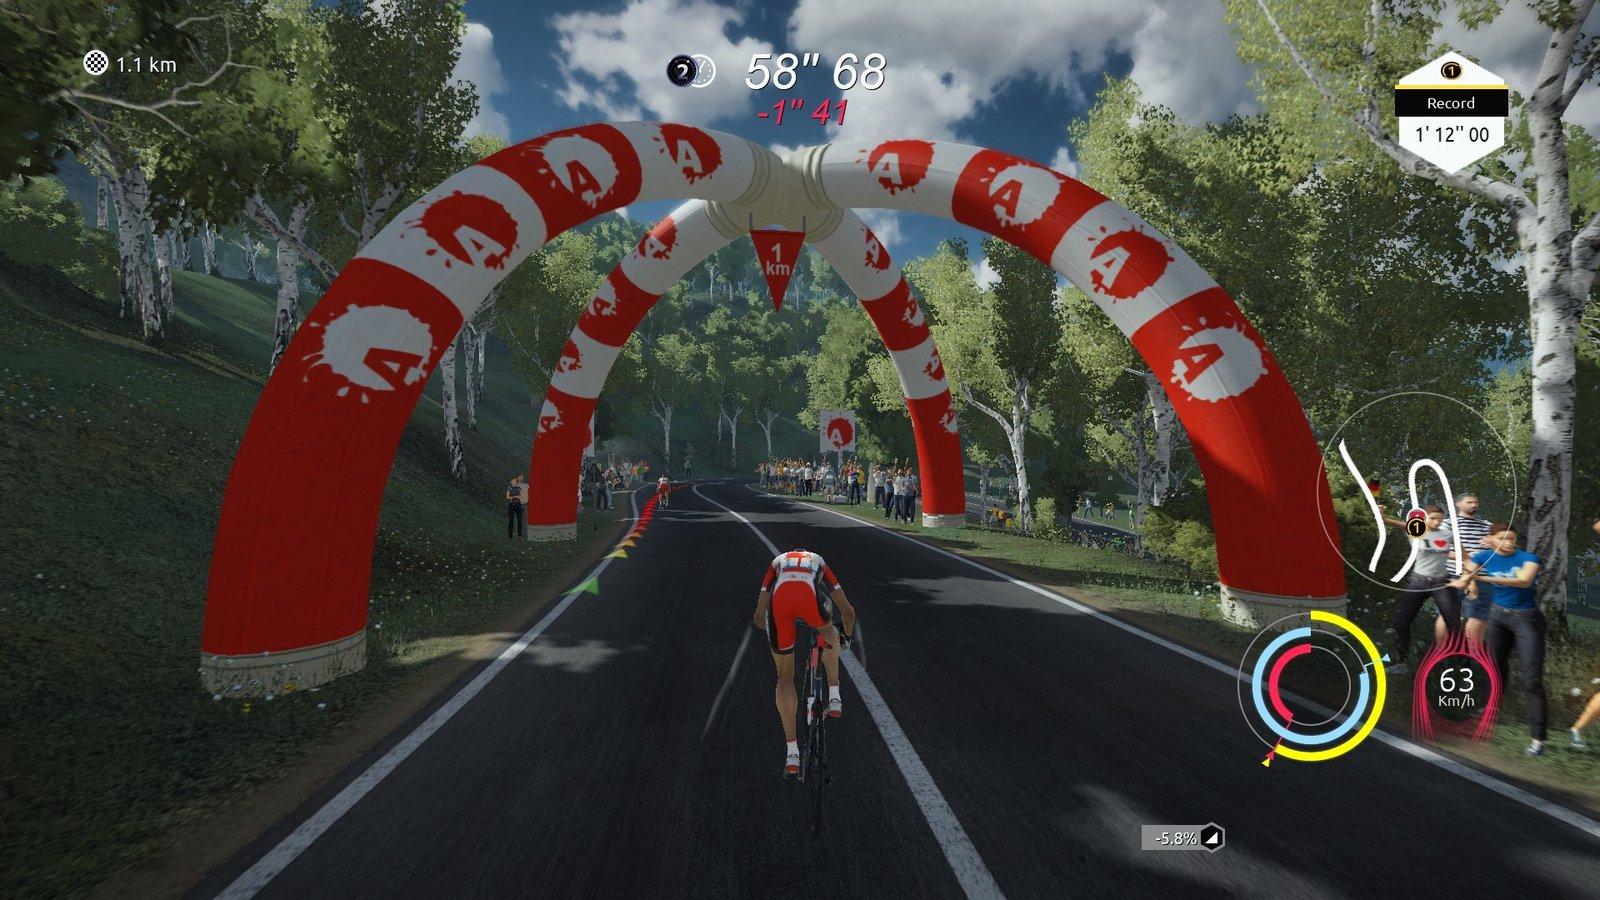 Tour de France 2020 image 1